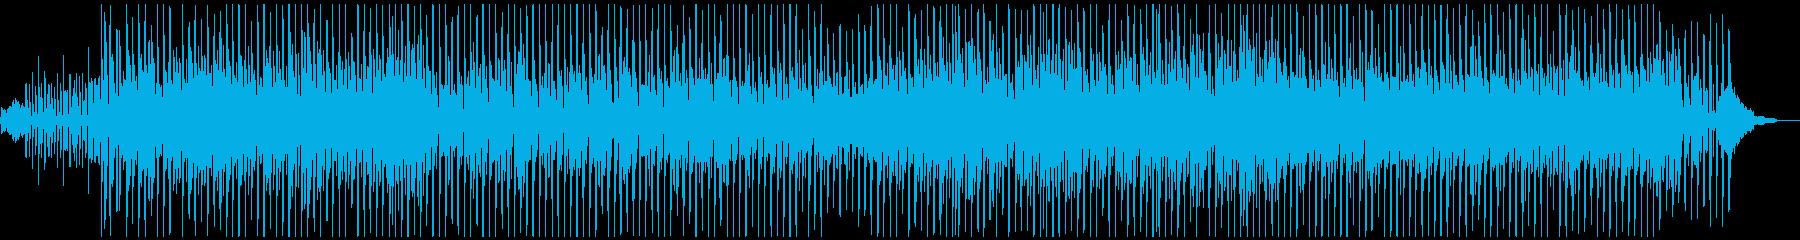 切ない雰囲気のノリの良いジプシージャズの再生済みの波形